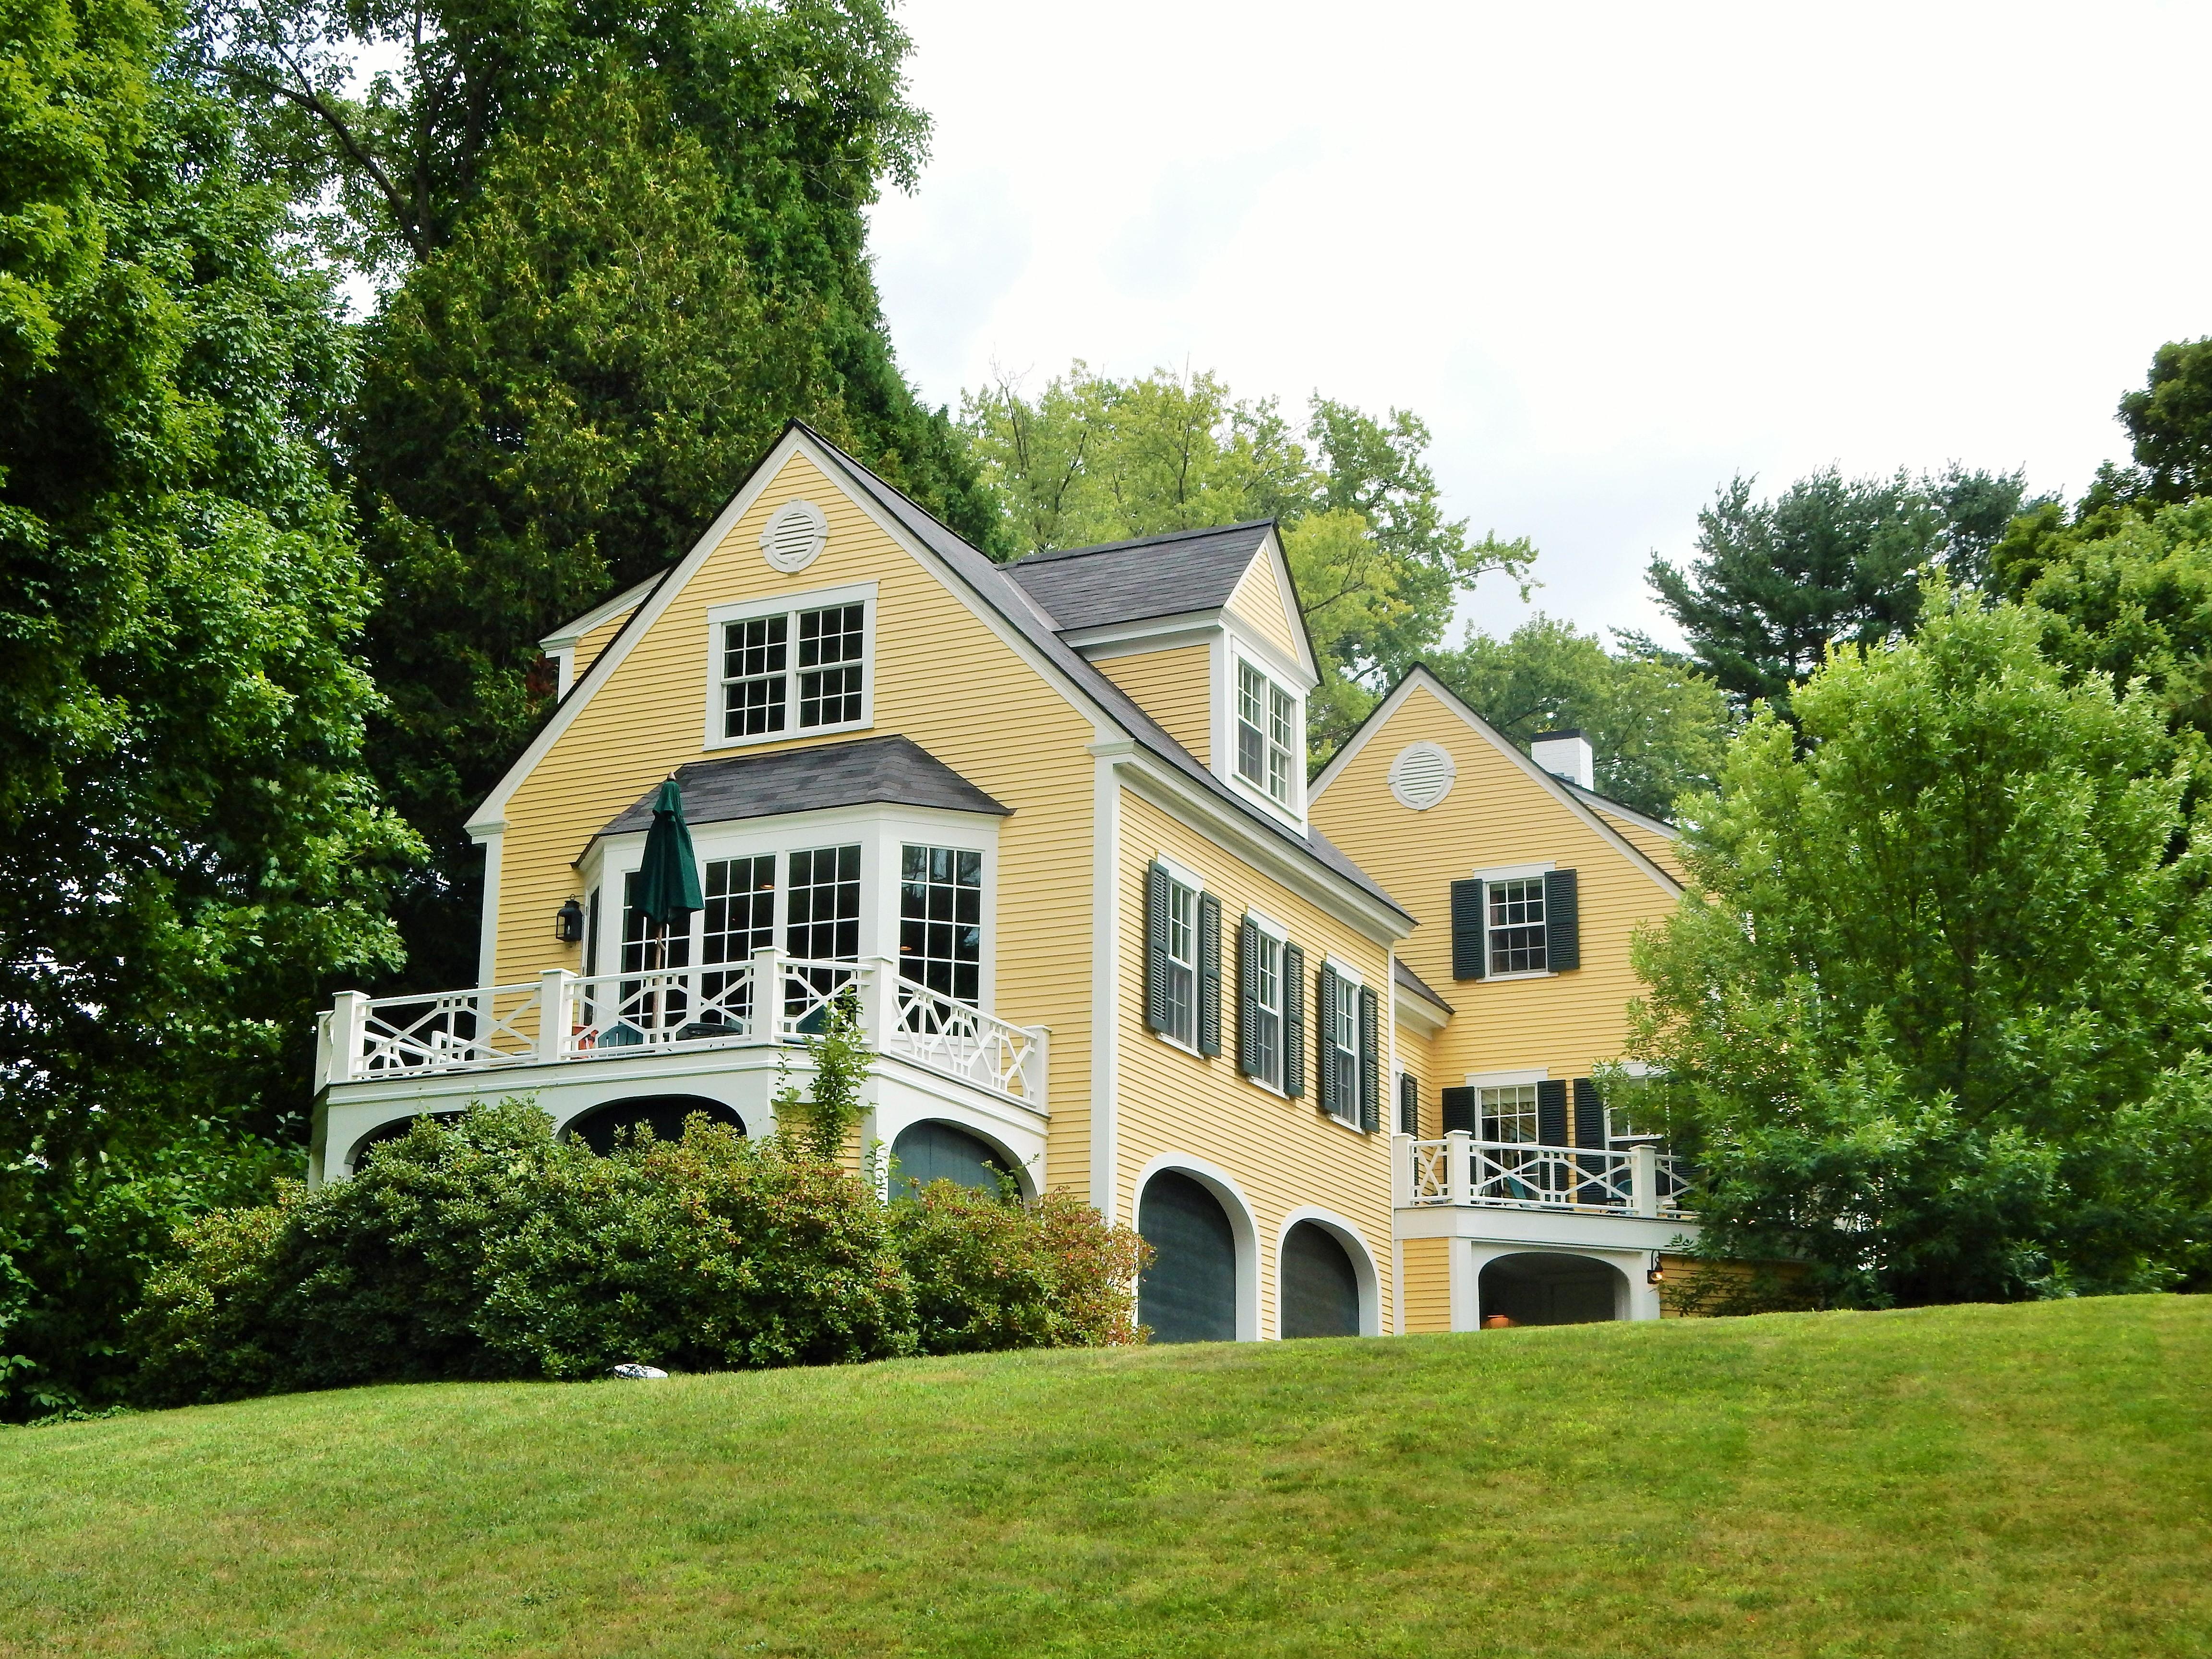 단독 가정 주택 용 매매 에 14 Rope Ferry Road, Hanover 14 Rope Ferry Rd Hanover, 뉴햄프셔, 03755 미국